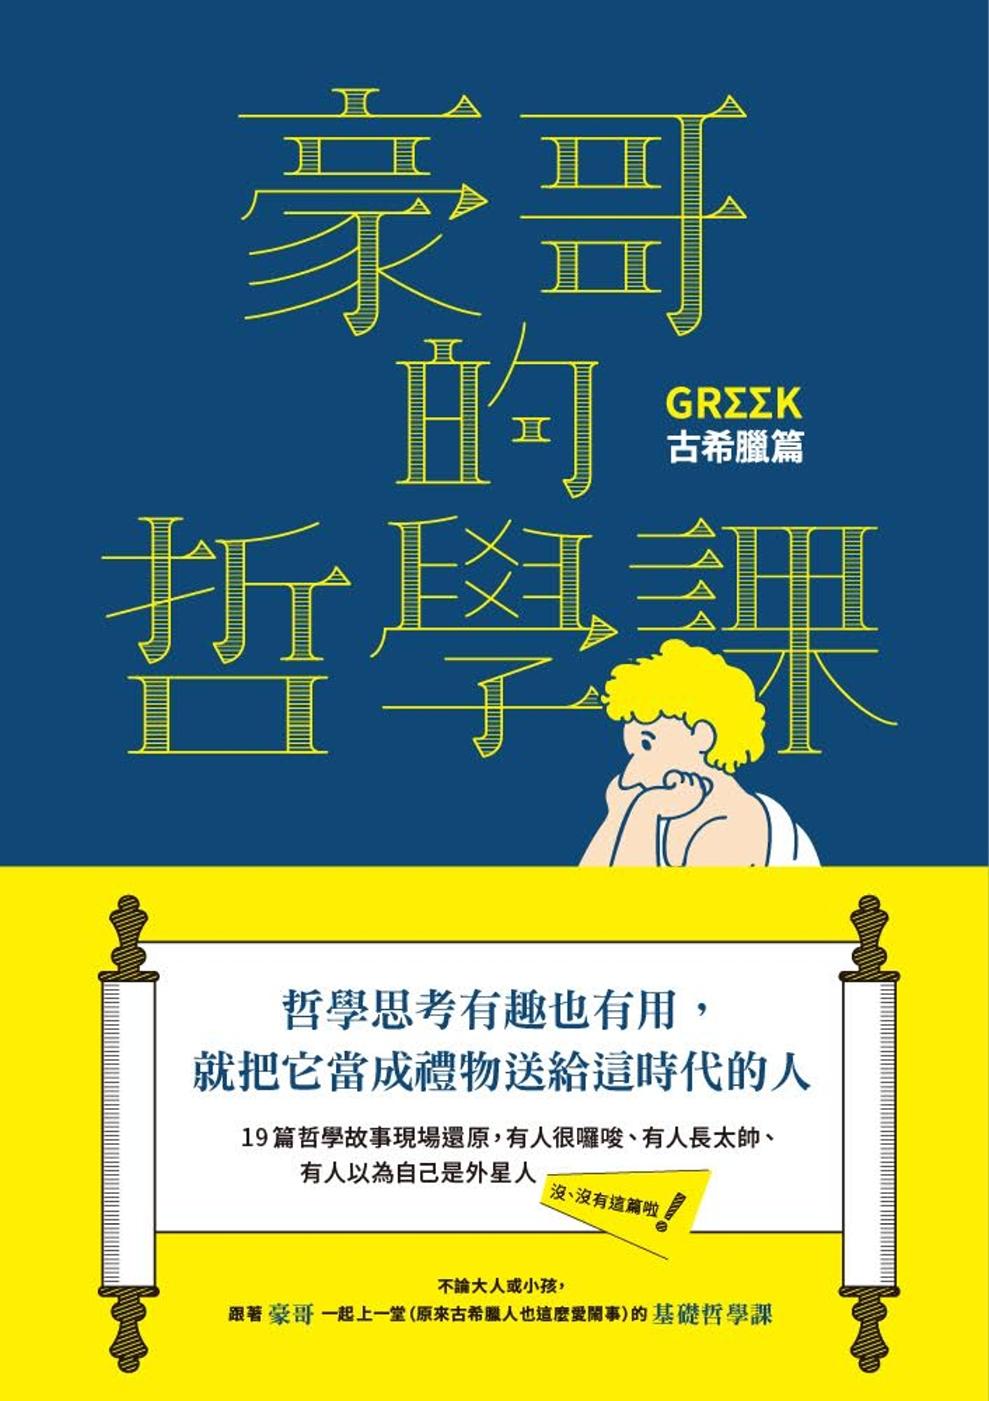 豪哥的哲學課(古希臘篇):寫給全年齡的哲學入門故事集